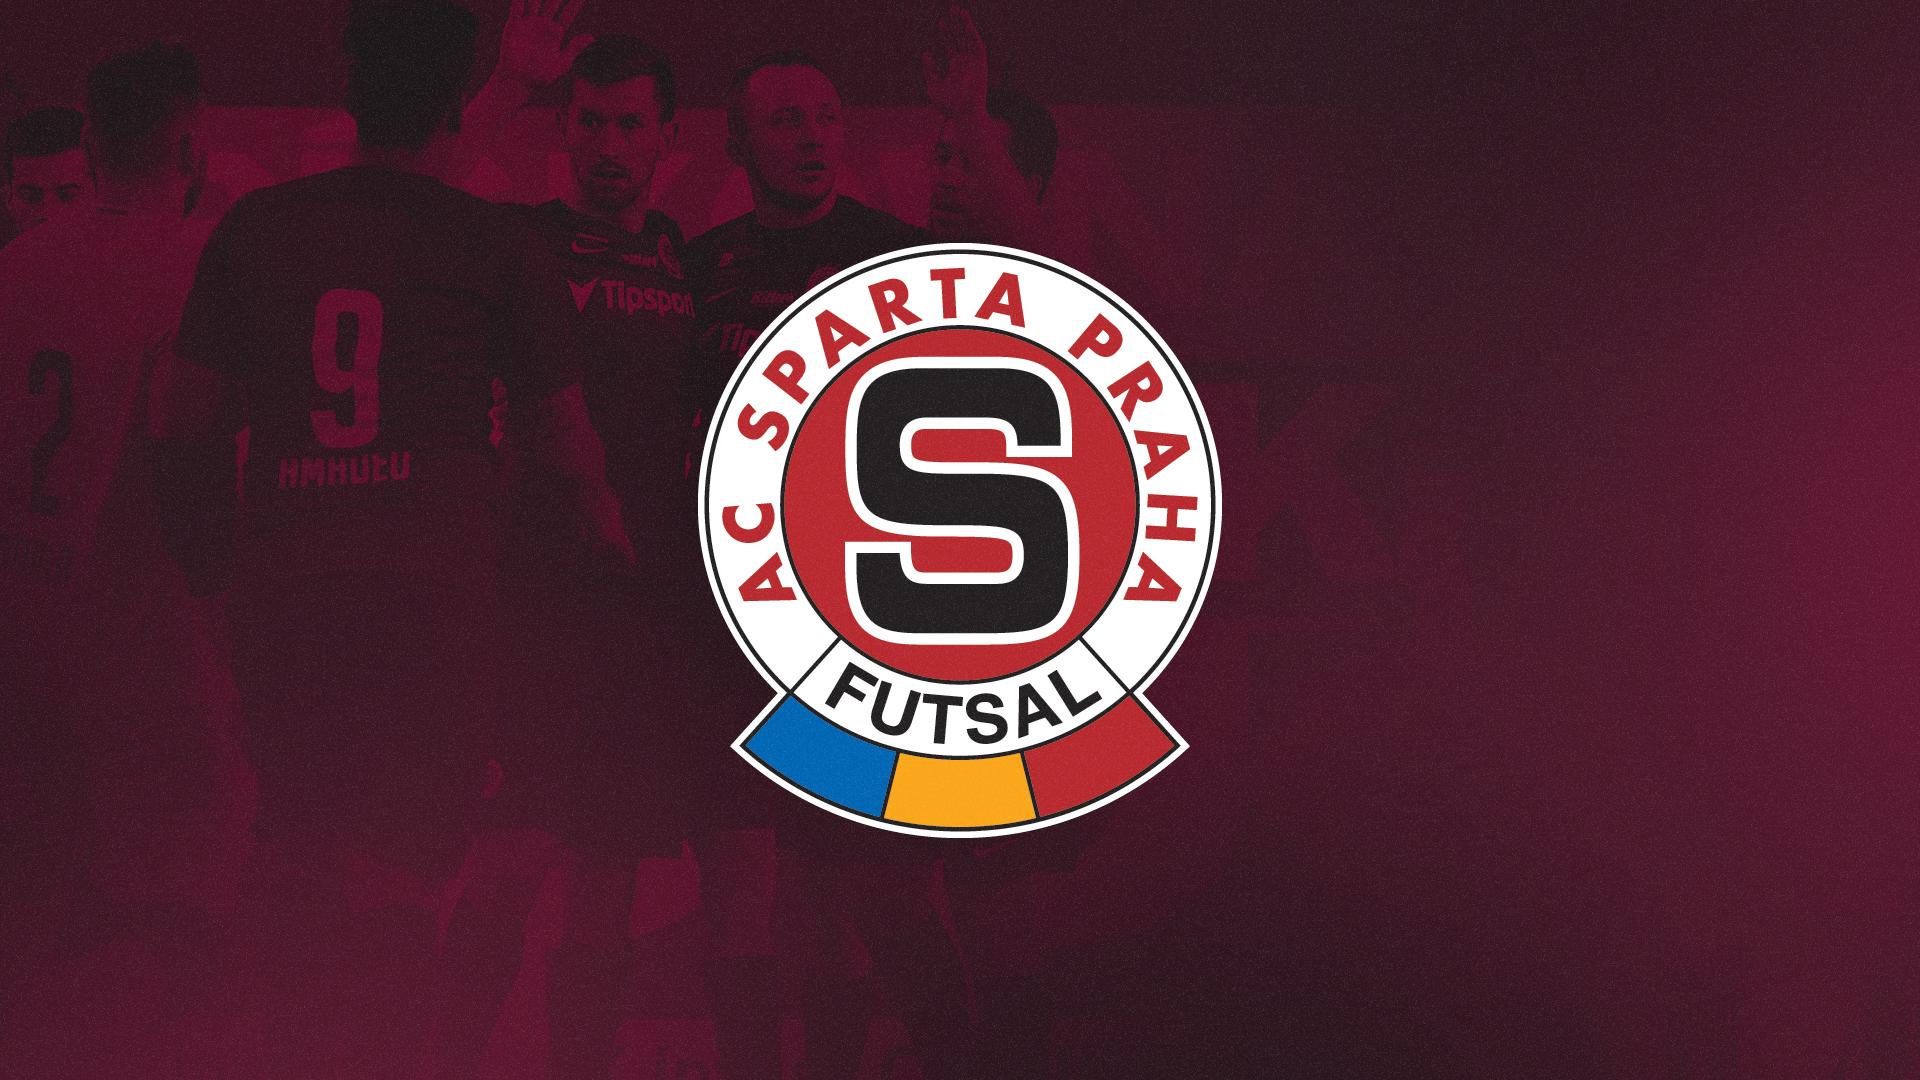 Oficiální vyjádření AC Sparta Praha futsal k rozhodnutí Výkonného výboru SFČR